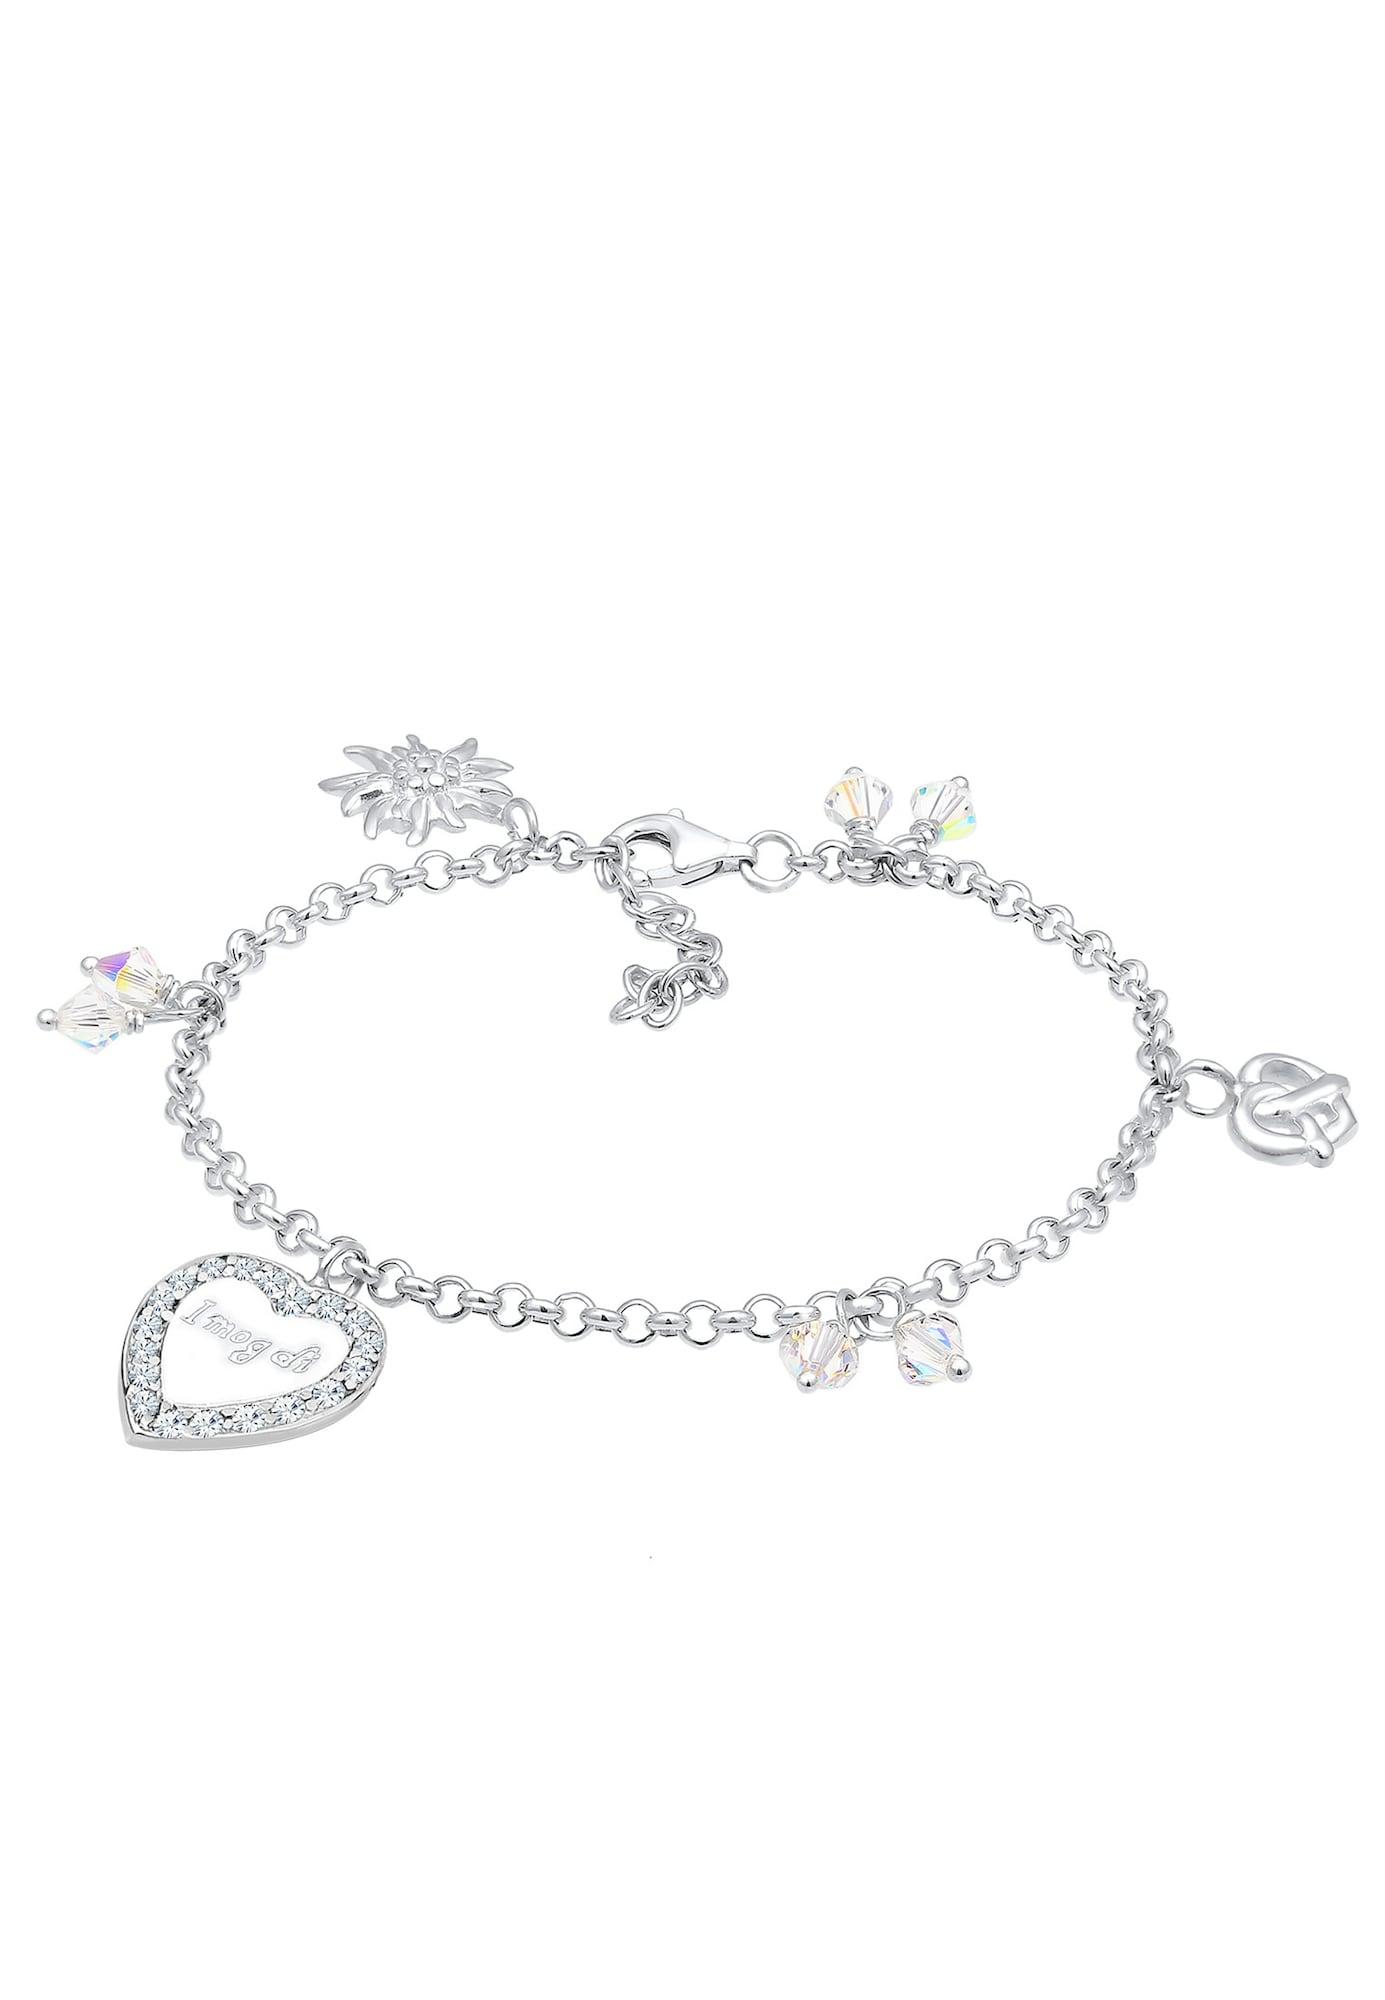 Armband Bettelarmband, Brezel, Edelweiss, Herz, Wiesn   Schmuck > Armbänder > Bettelarmbänder   Silber   ELLI